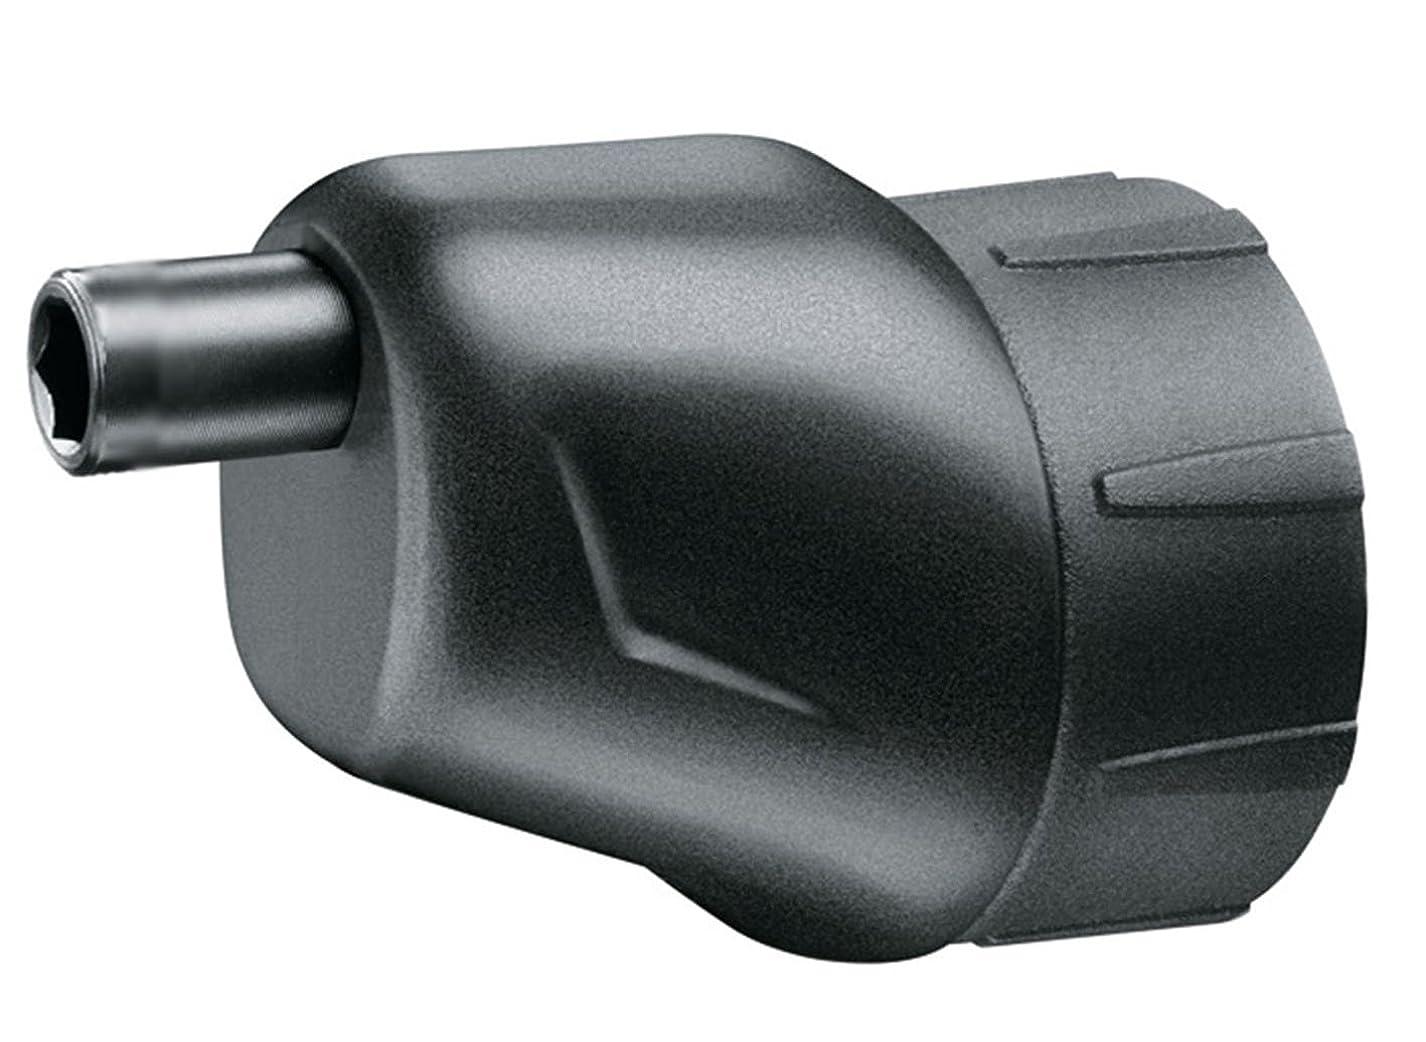 未知の思想大いにBOSCH(ボッシュ) バッテリードライバーIXO用スミヨセアダプター 2609255723